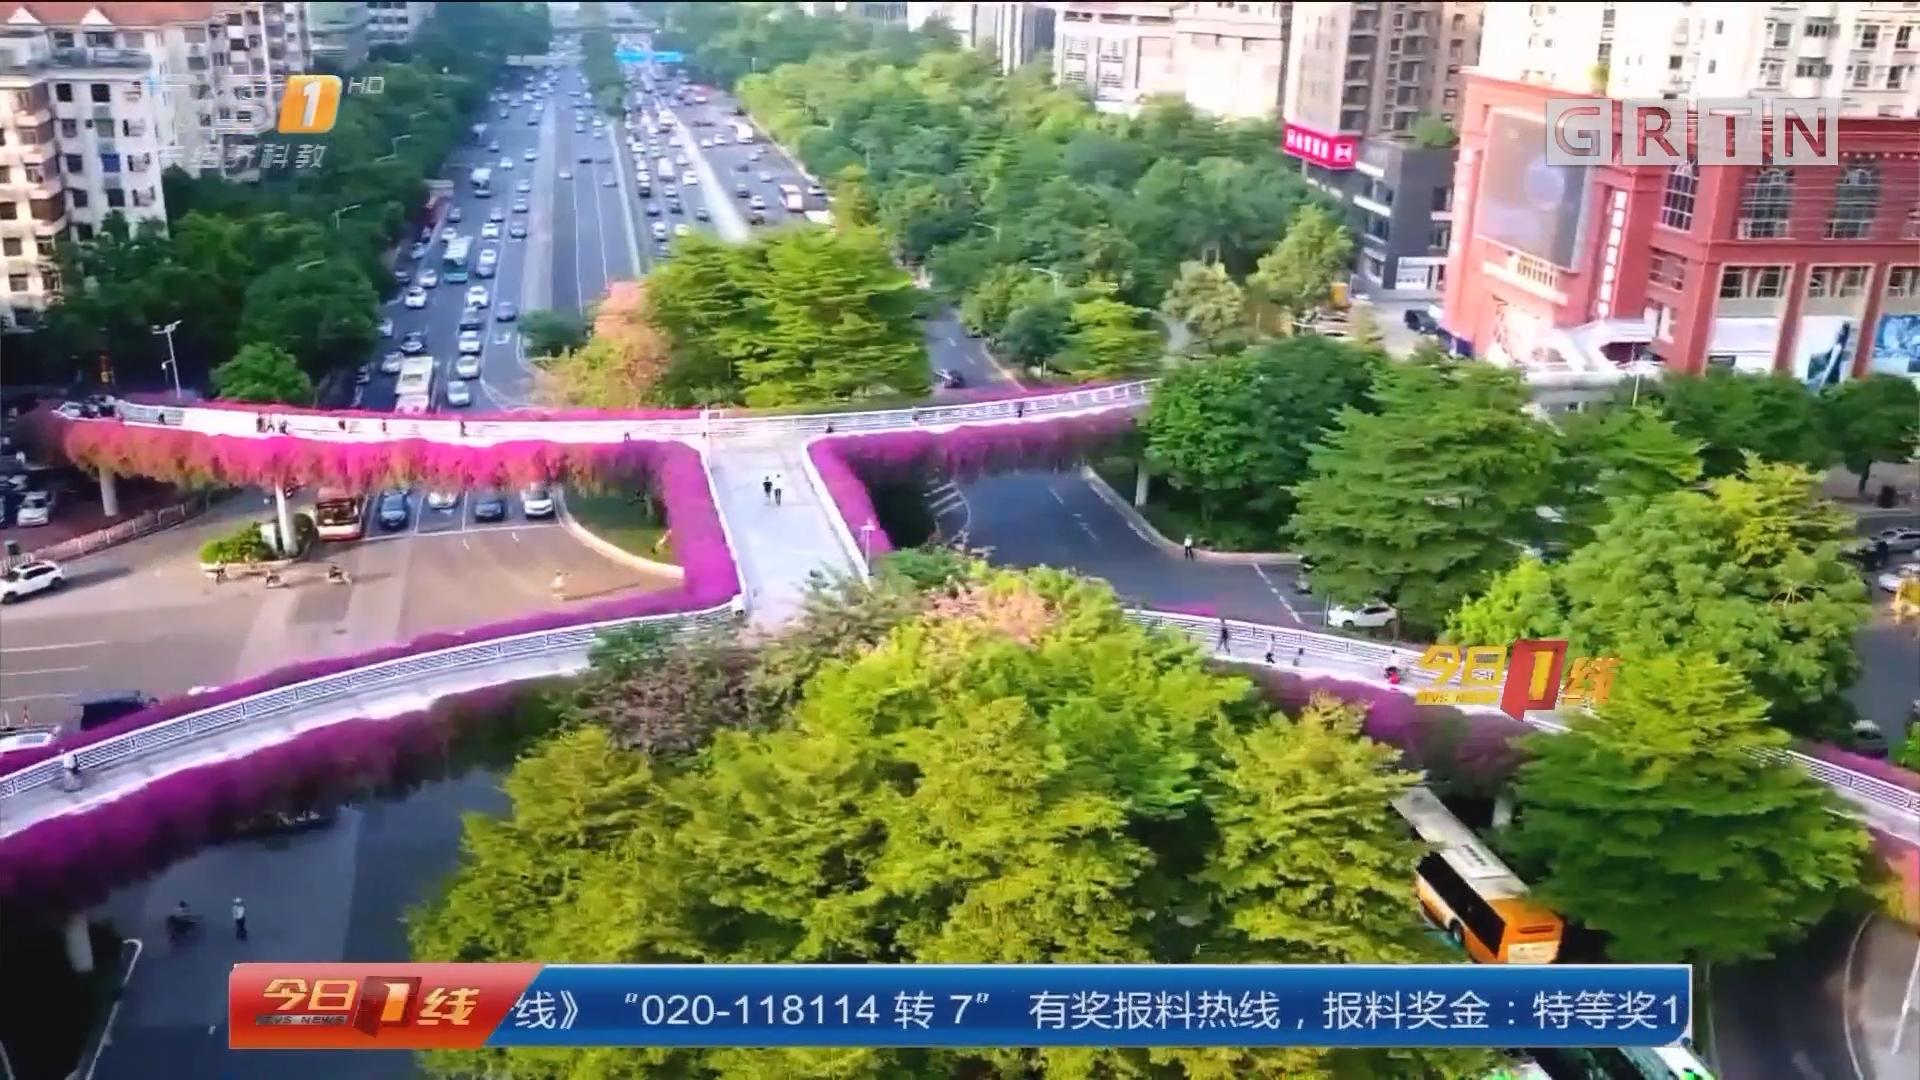 """广州:簕杜鹃怒放 航拍高架""""紫红花道"""""""